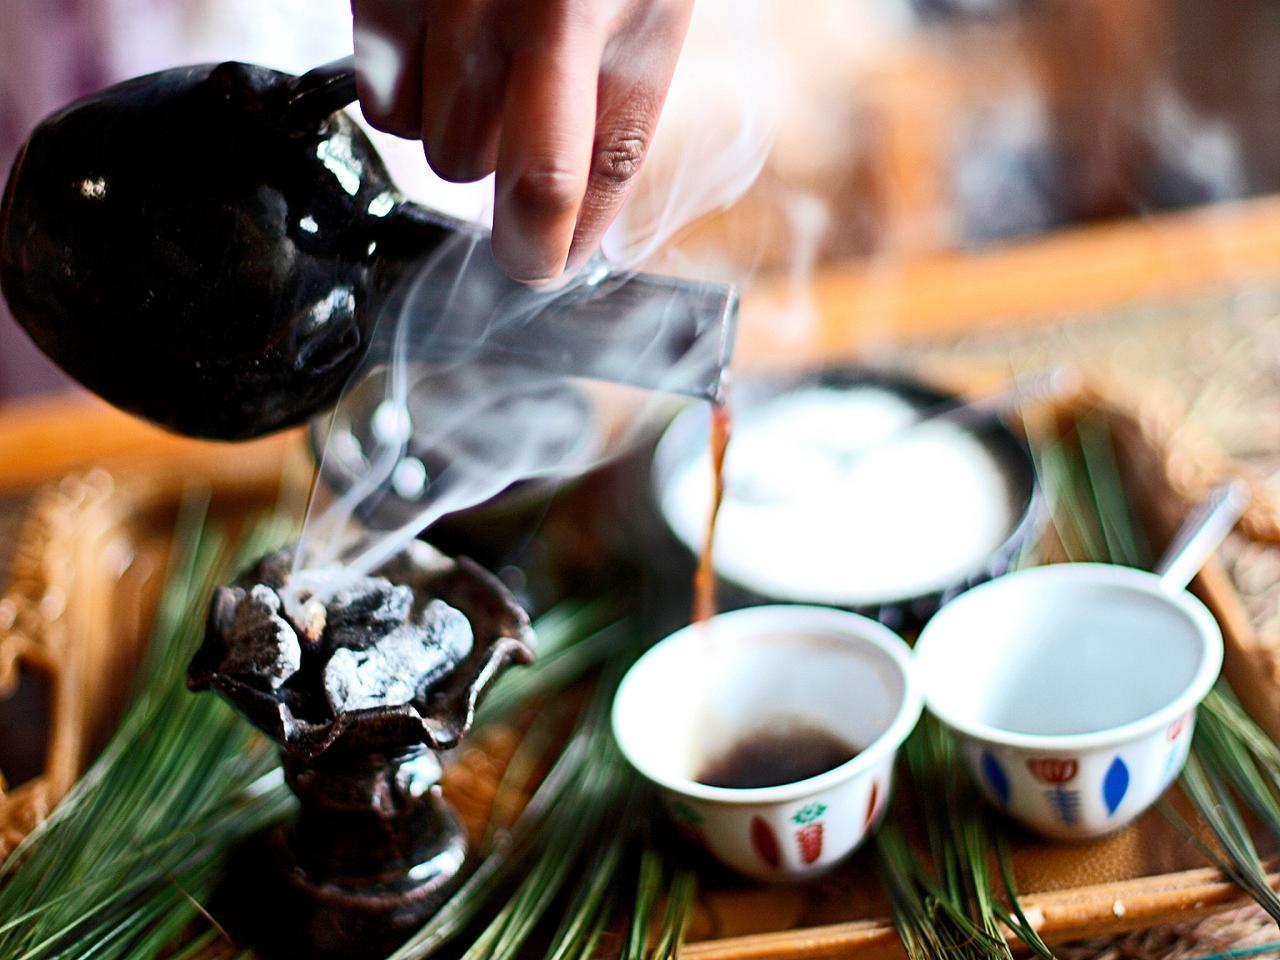 Kultura pitja kave po svetu